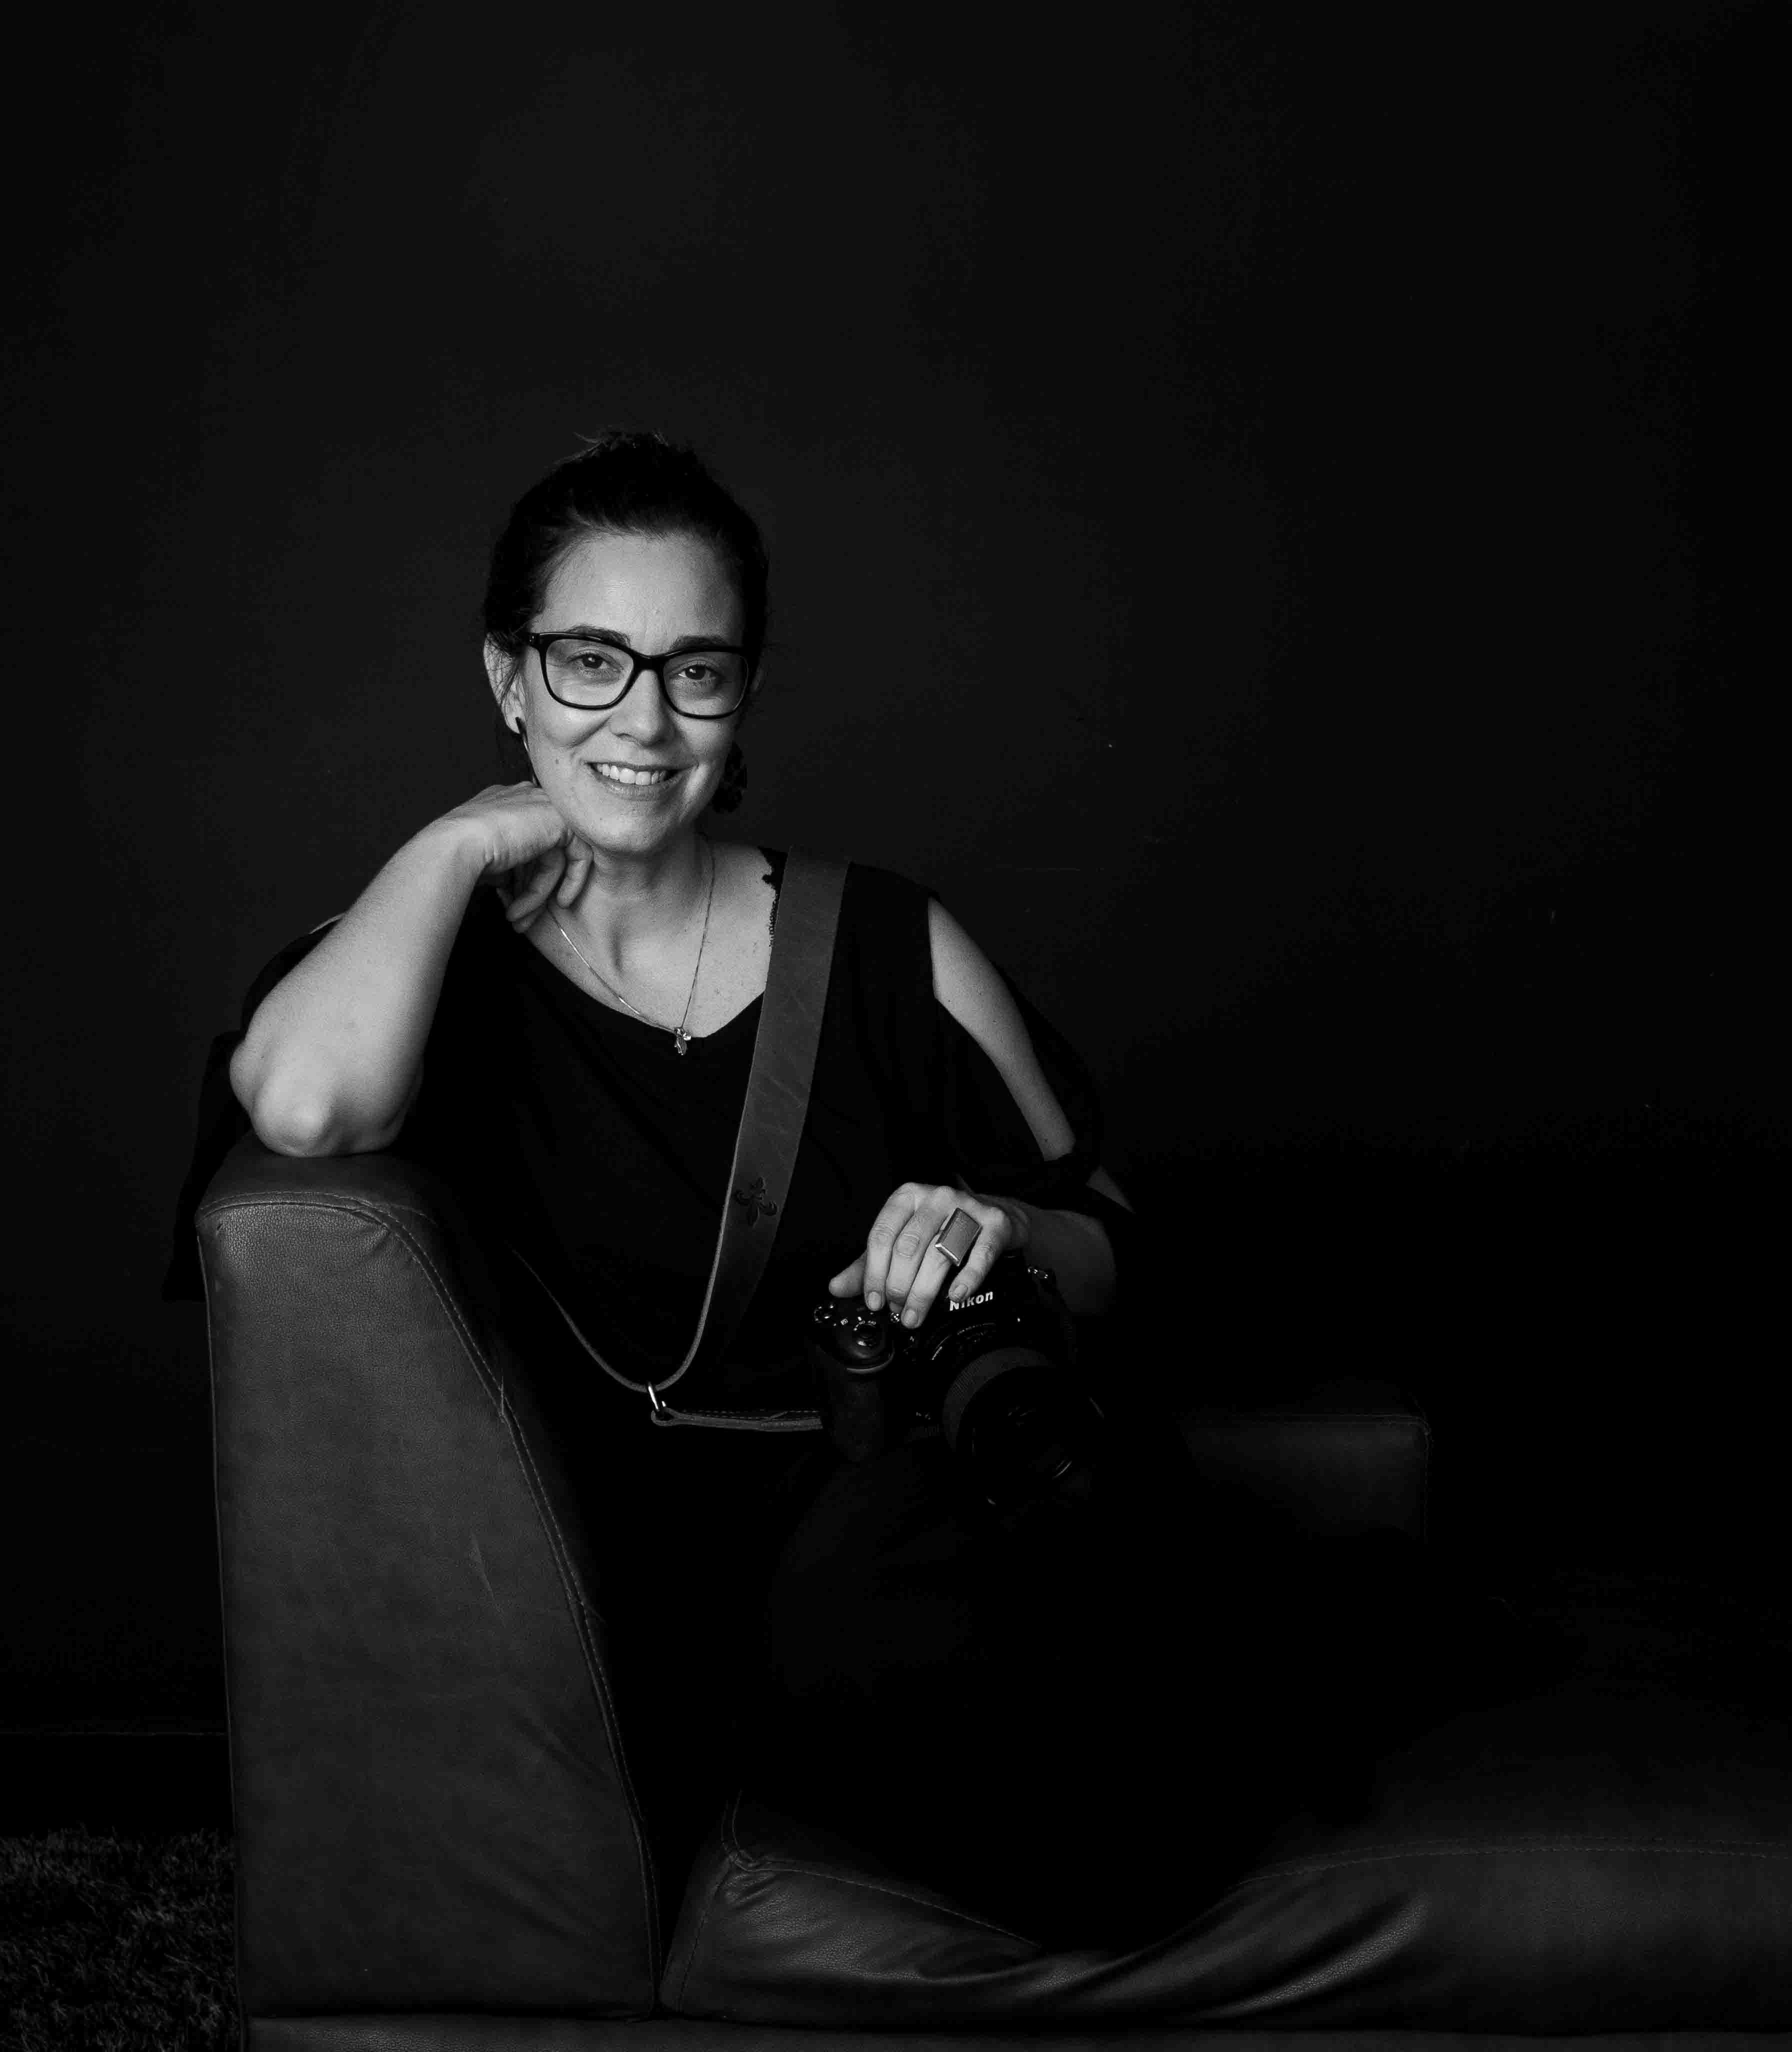 Sobre Fernanda Greppe - Fotógrafa de Família e Retratos- Joinville/SC